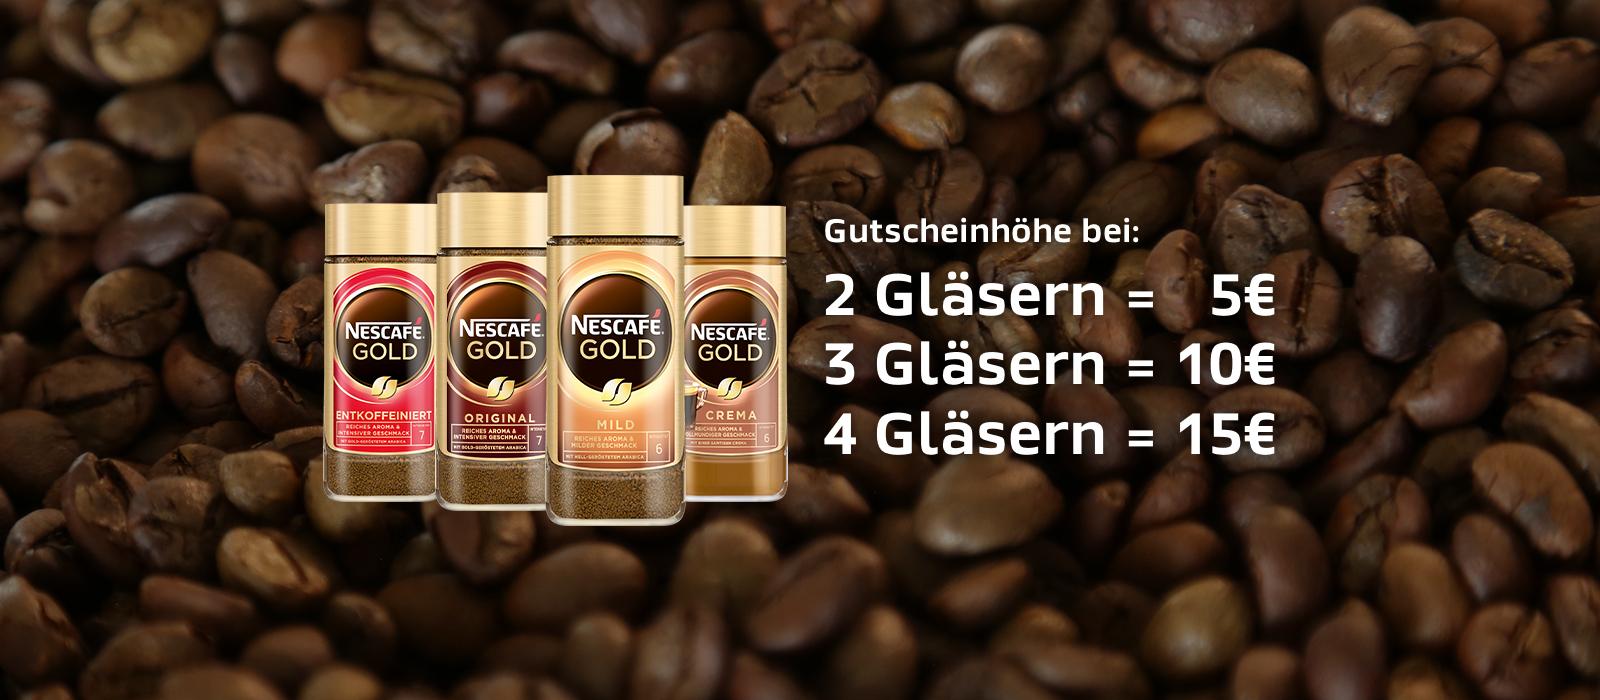 (Nescafe Gold) Mehr ist Mehr Aktion bis zu 15€ Einkaufsgutschein beim Kauf zurückerhalten